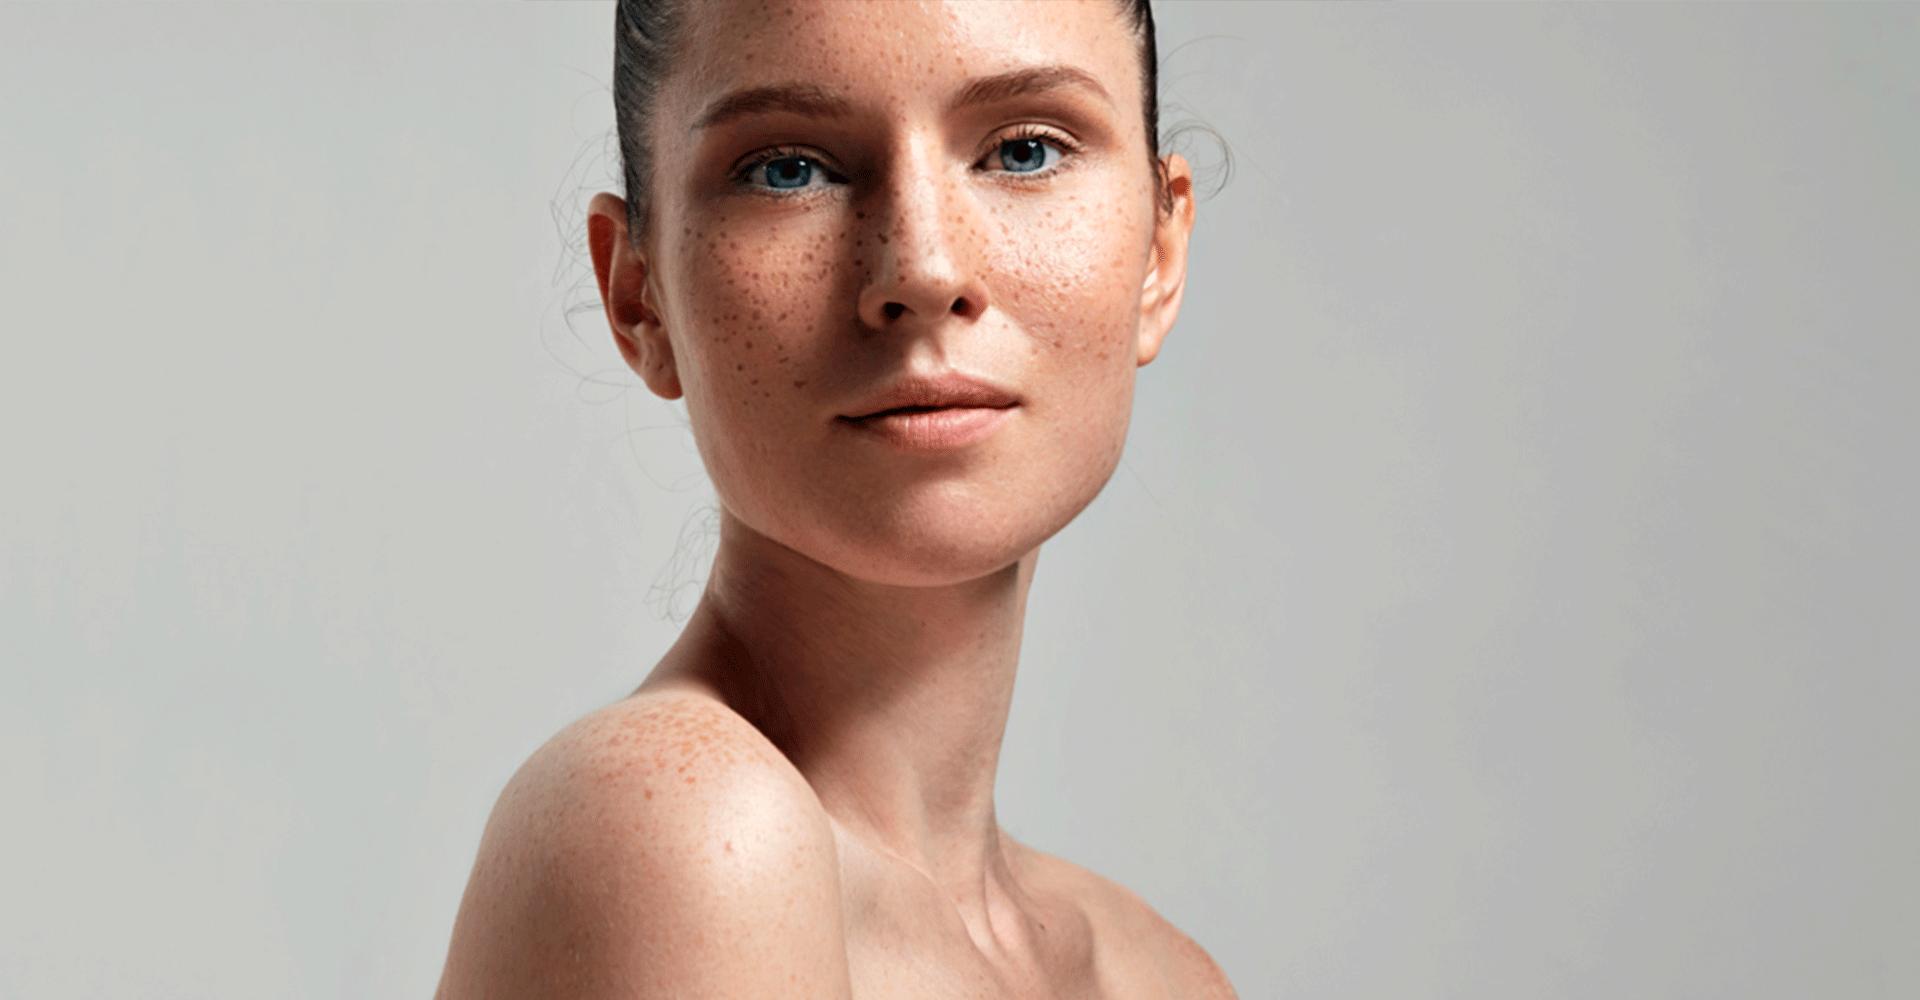 Борьба с гиперпигментацией кожи: как победить?